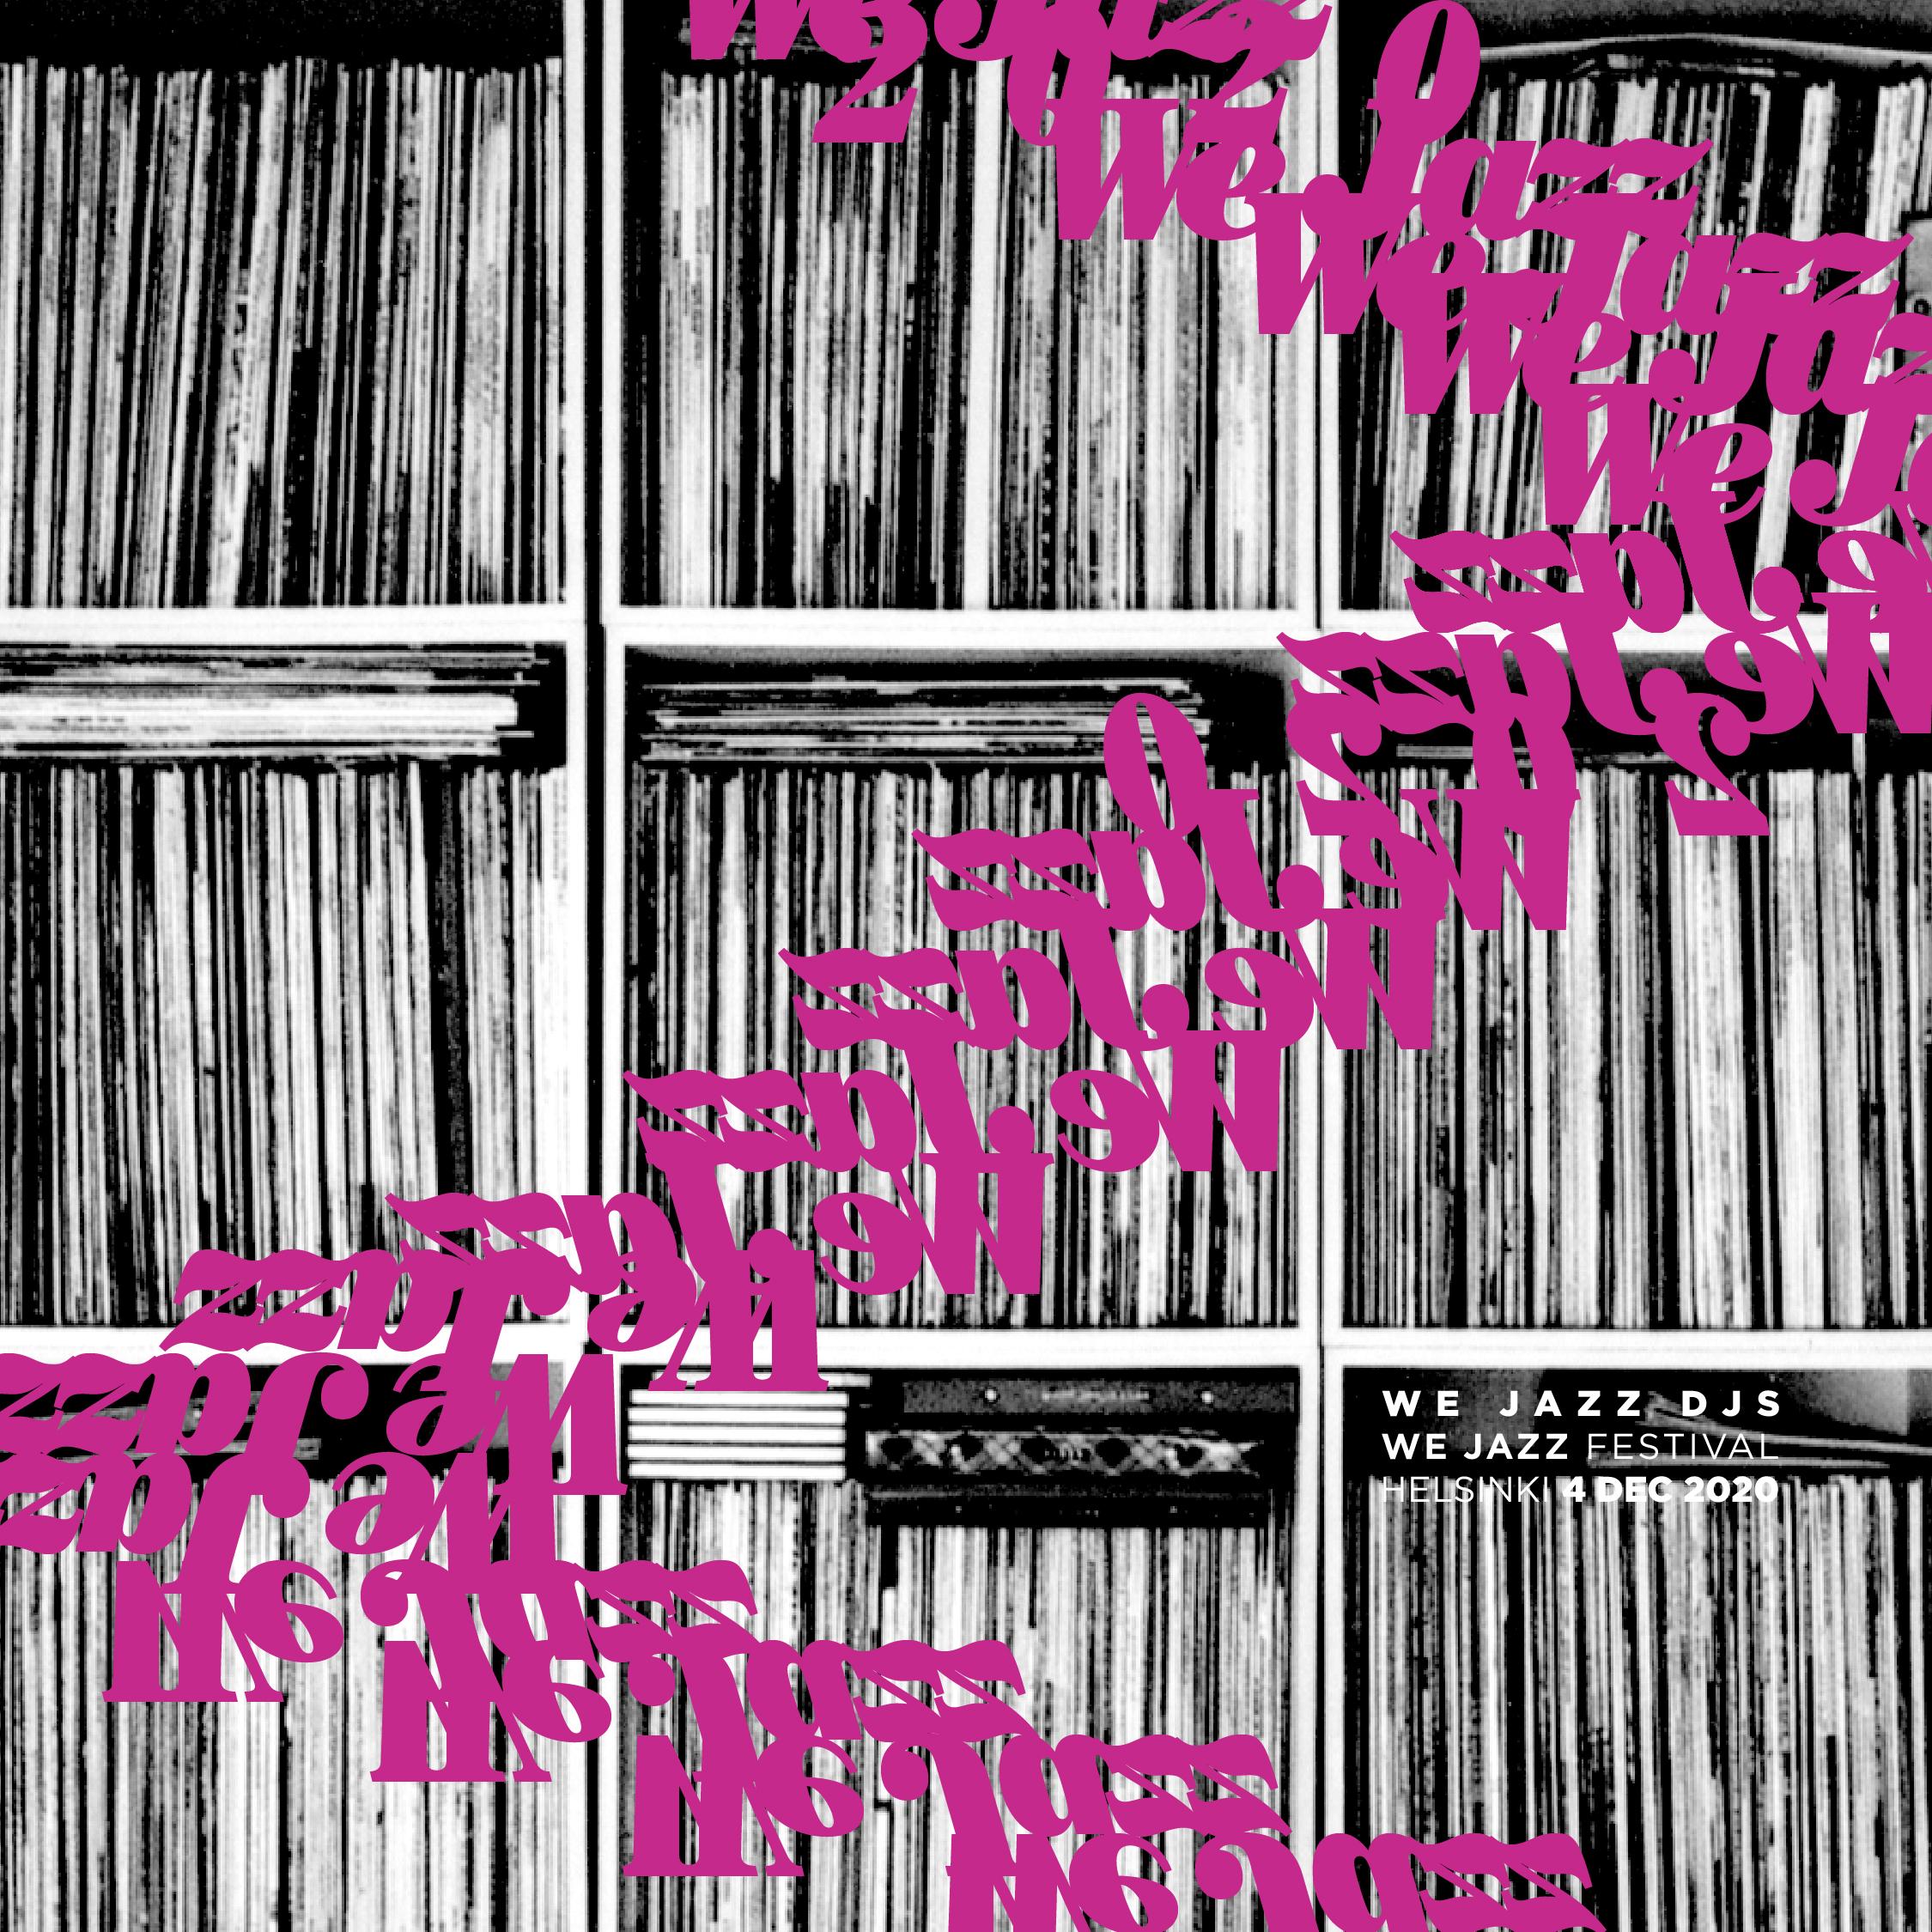 We Jazz DJs